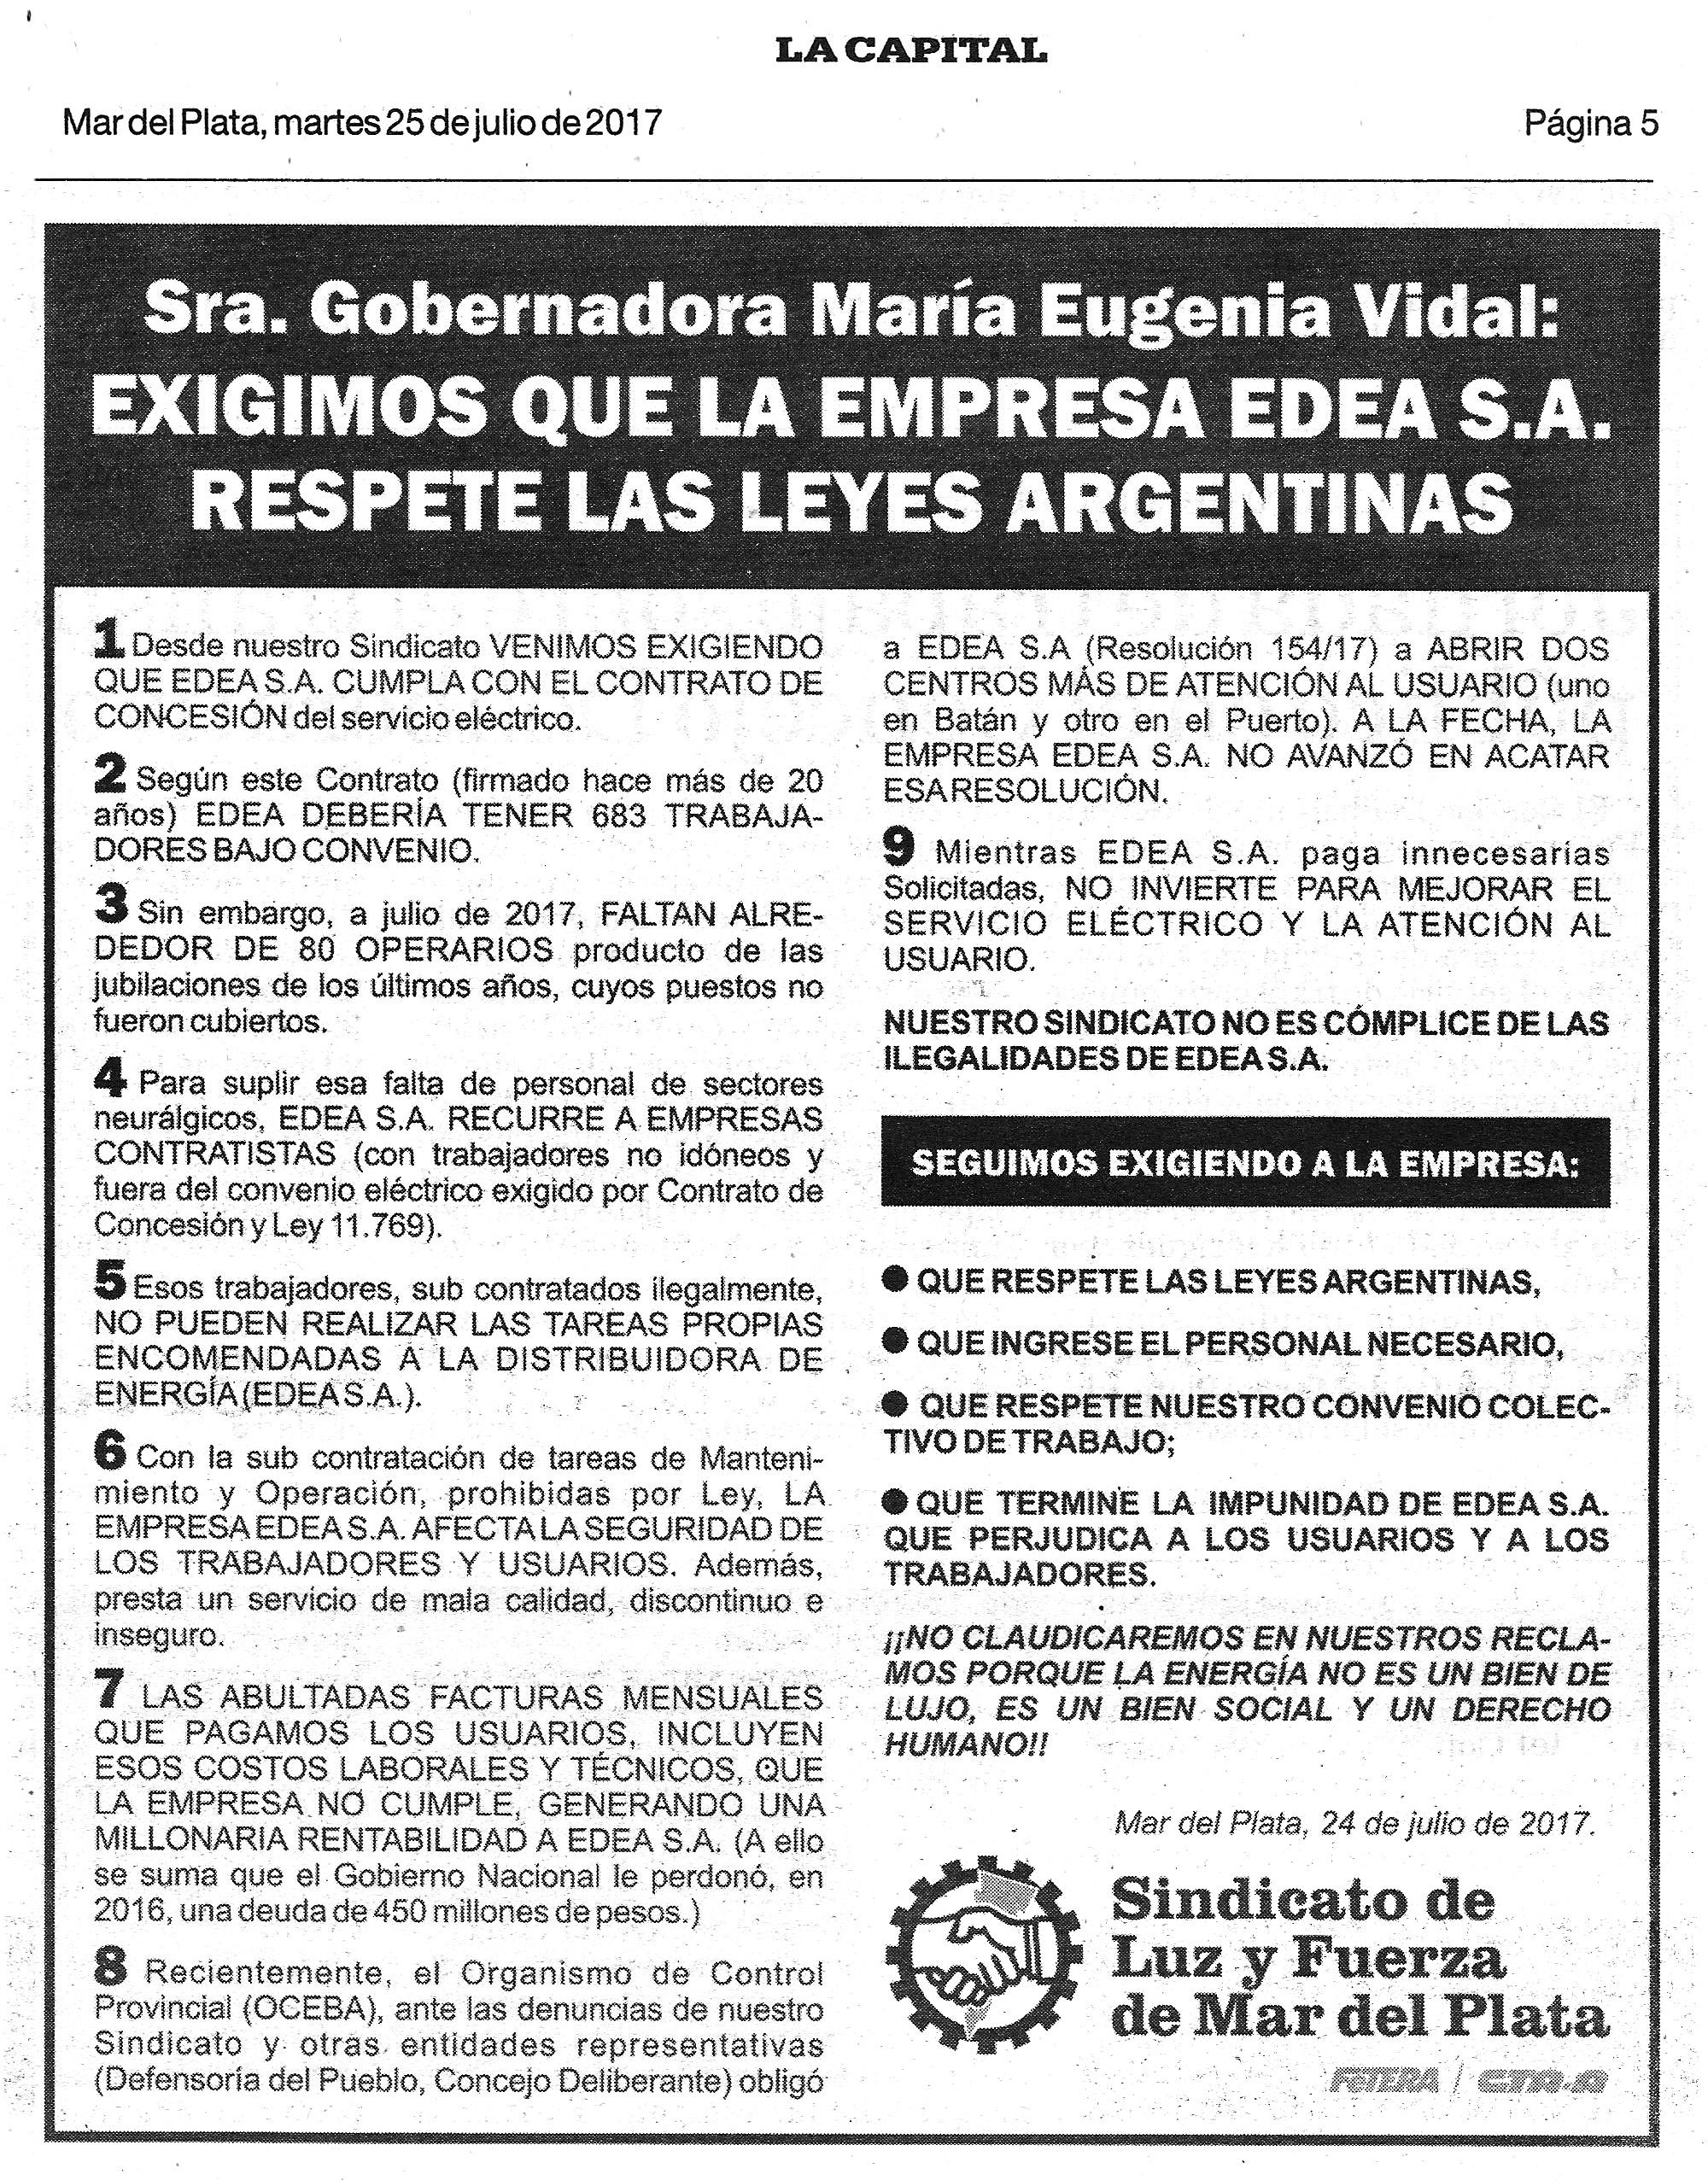 SOLICITADA DIRIGIDA A LA GOBERNADORA MARÍA EUGENIA VIDAL CONTRA LOS ABUSOS DE EDEA S.A.